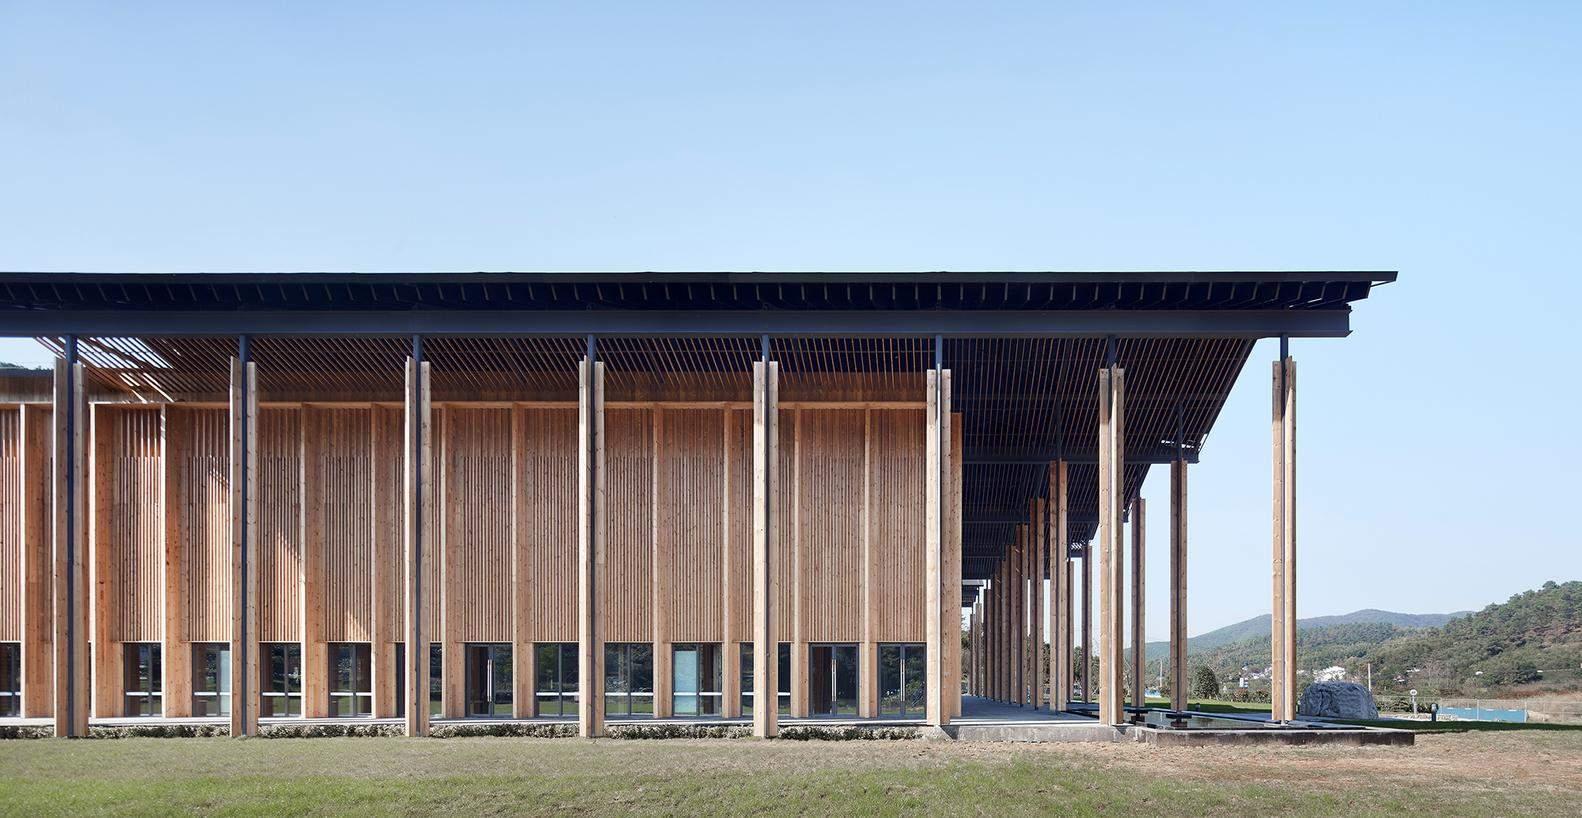 У побудові споруди переважає дерево / Фото Harmonies Magazine